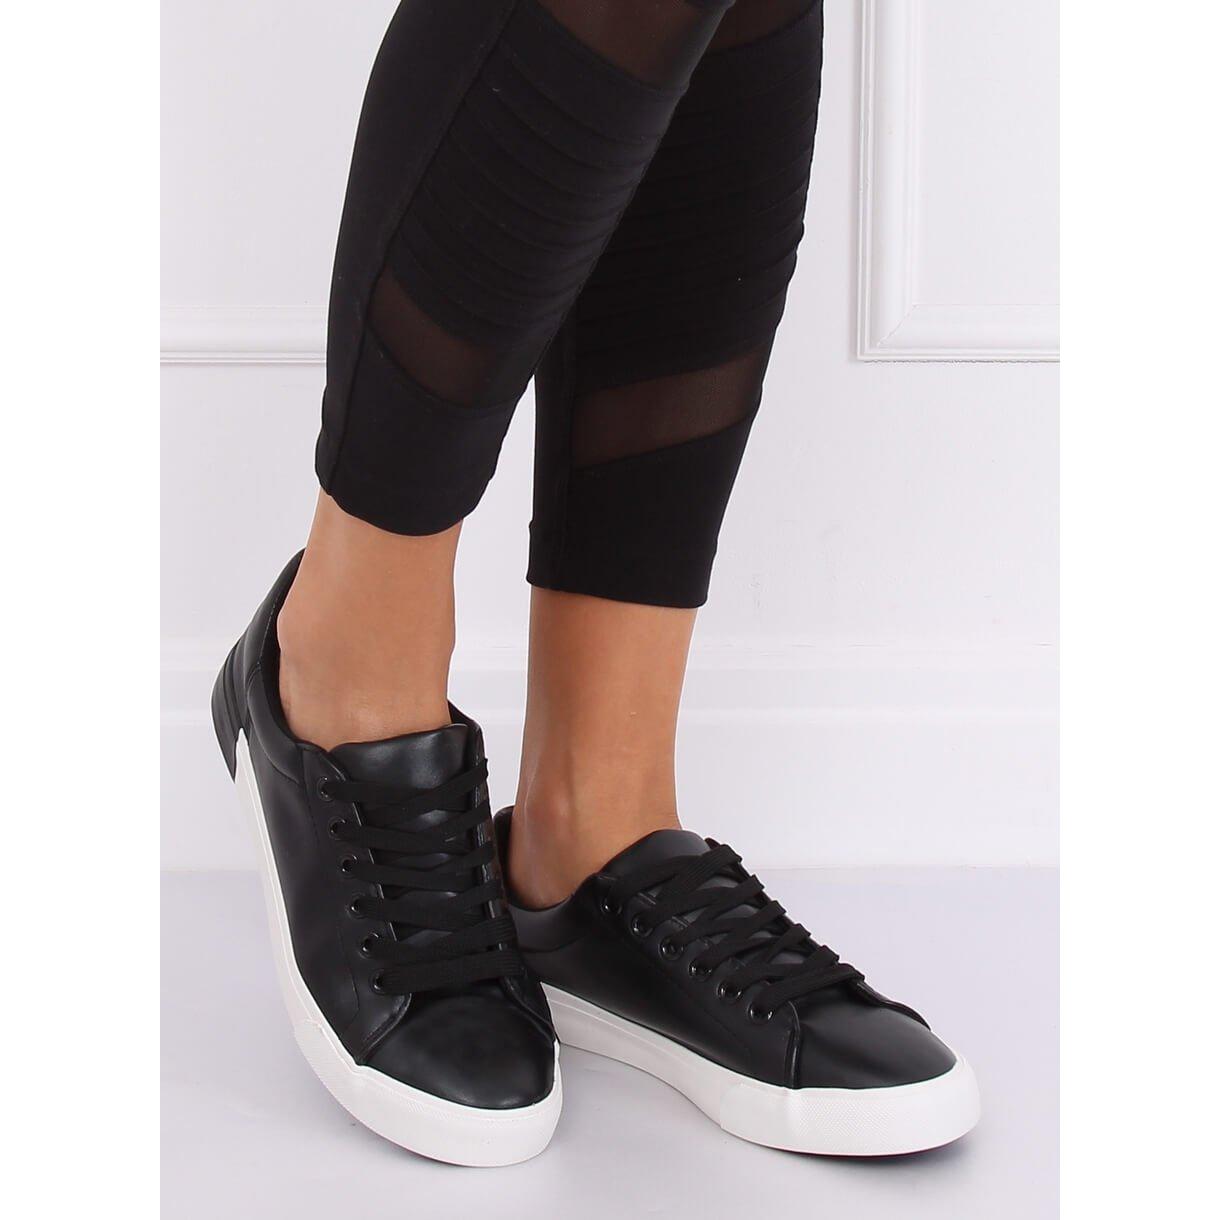 Fekete női cipők A88 29 Fekete